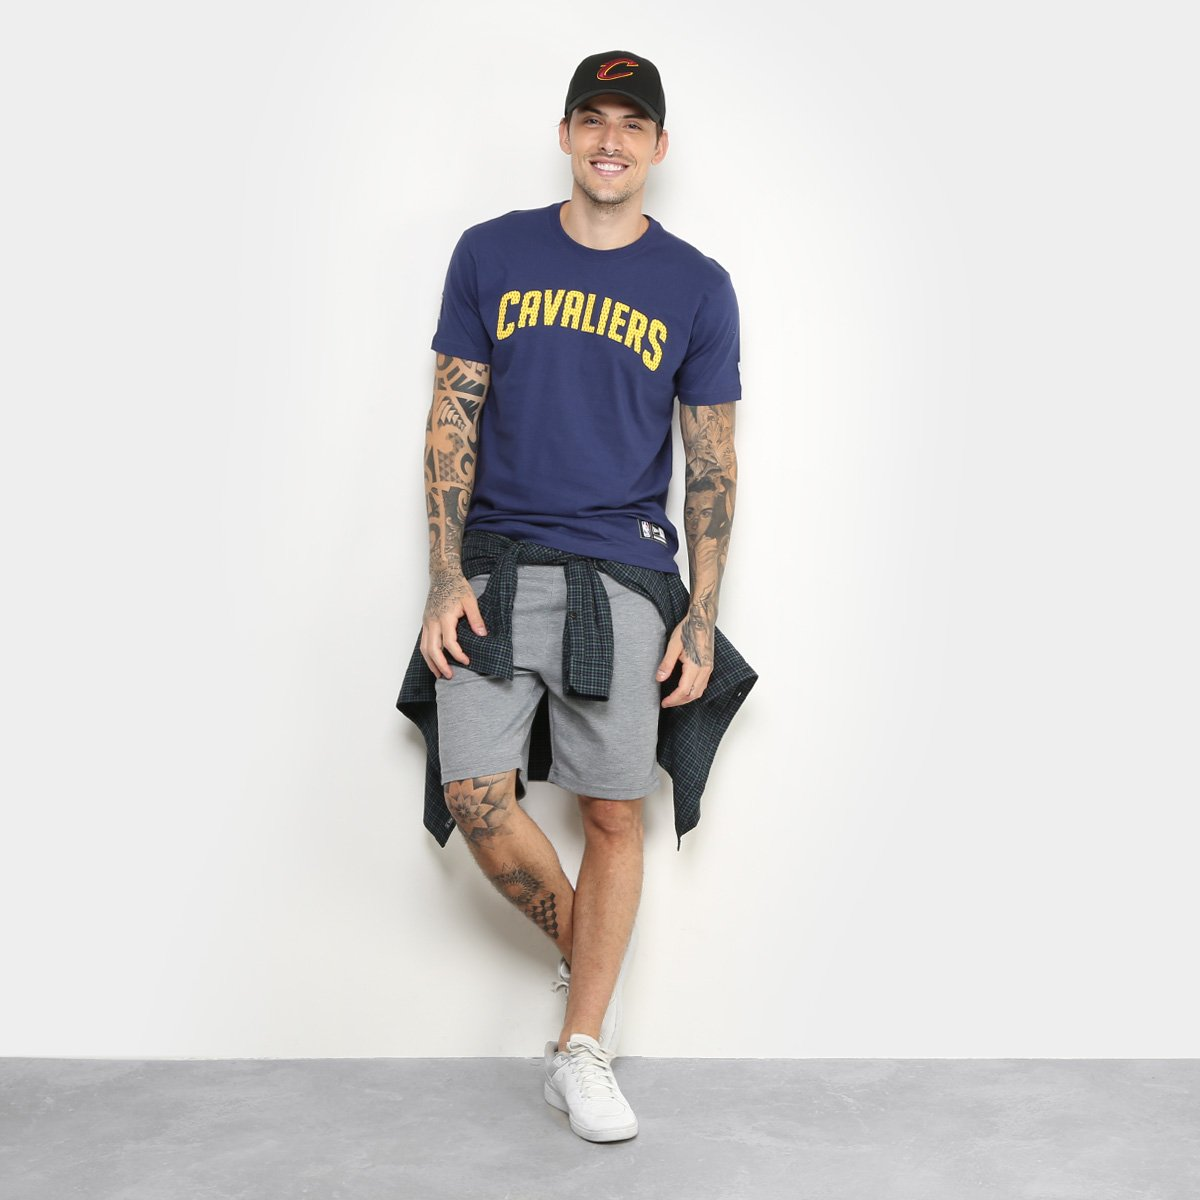 d2bca4965 ... Camiseta NBA Cleveland Cavaliers New Era Game Piece Masculina -  Marinho. ADVISIA  EXCECAOCOMPRADORES ...